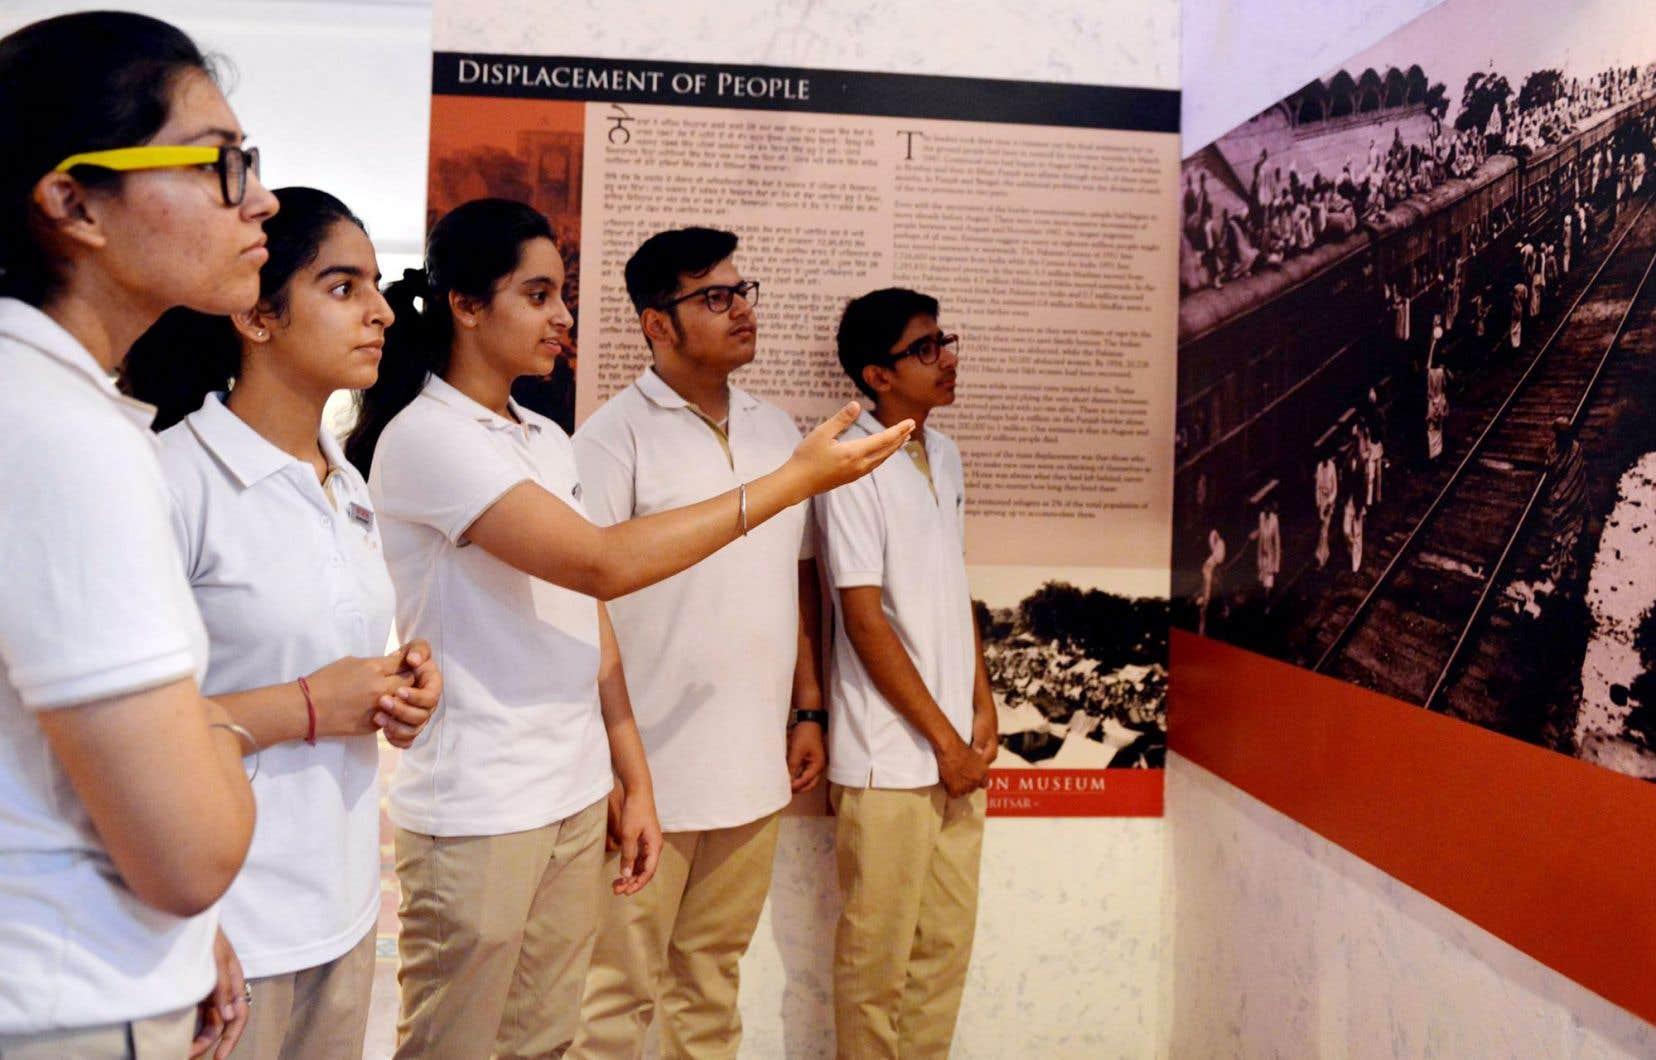 Des étudiants indiens regardent des photographies prises lors de la partition de l'Inde et du Pakistan, il y a 70ans, au Musée de la Partition, à Amritsar, ville sainte des sikhs située au nord-ouest de l'État du Pendjab indien.